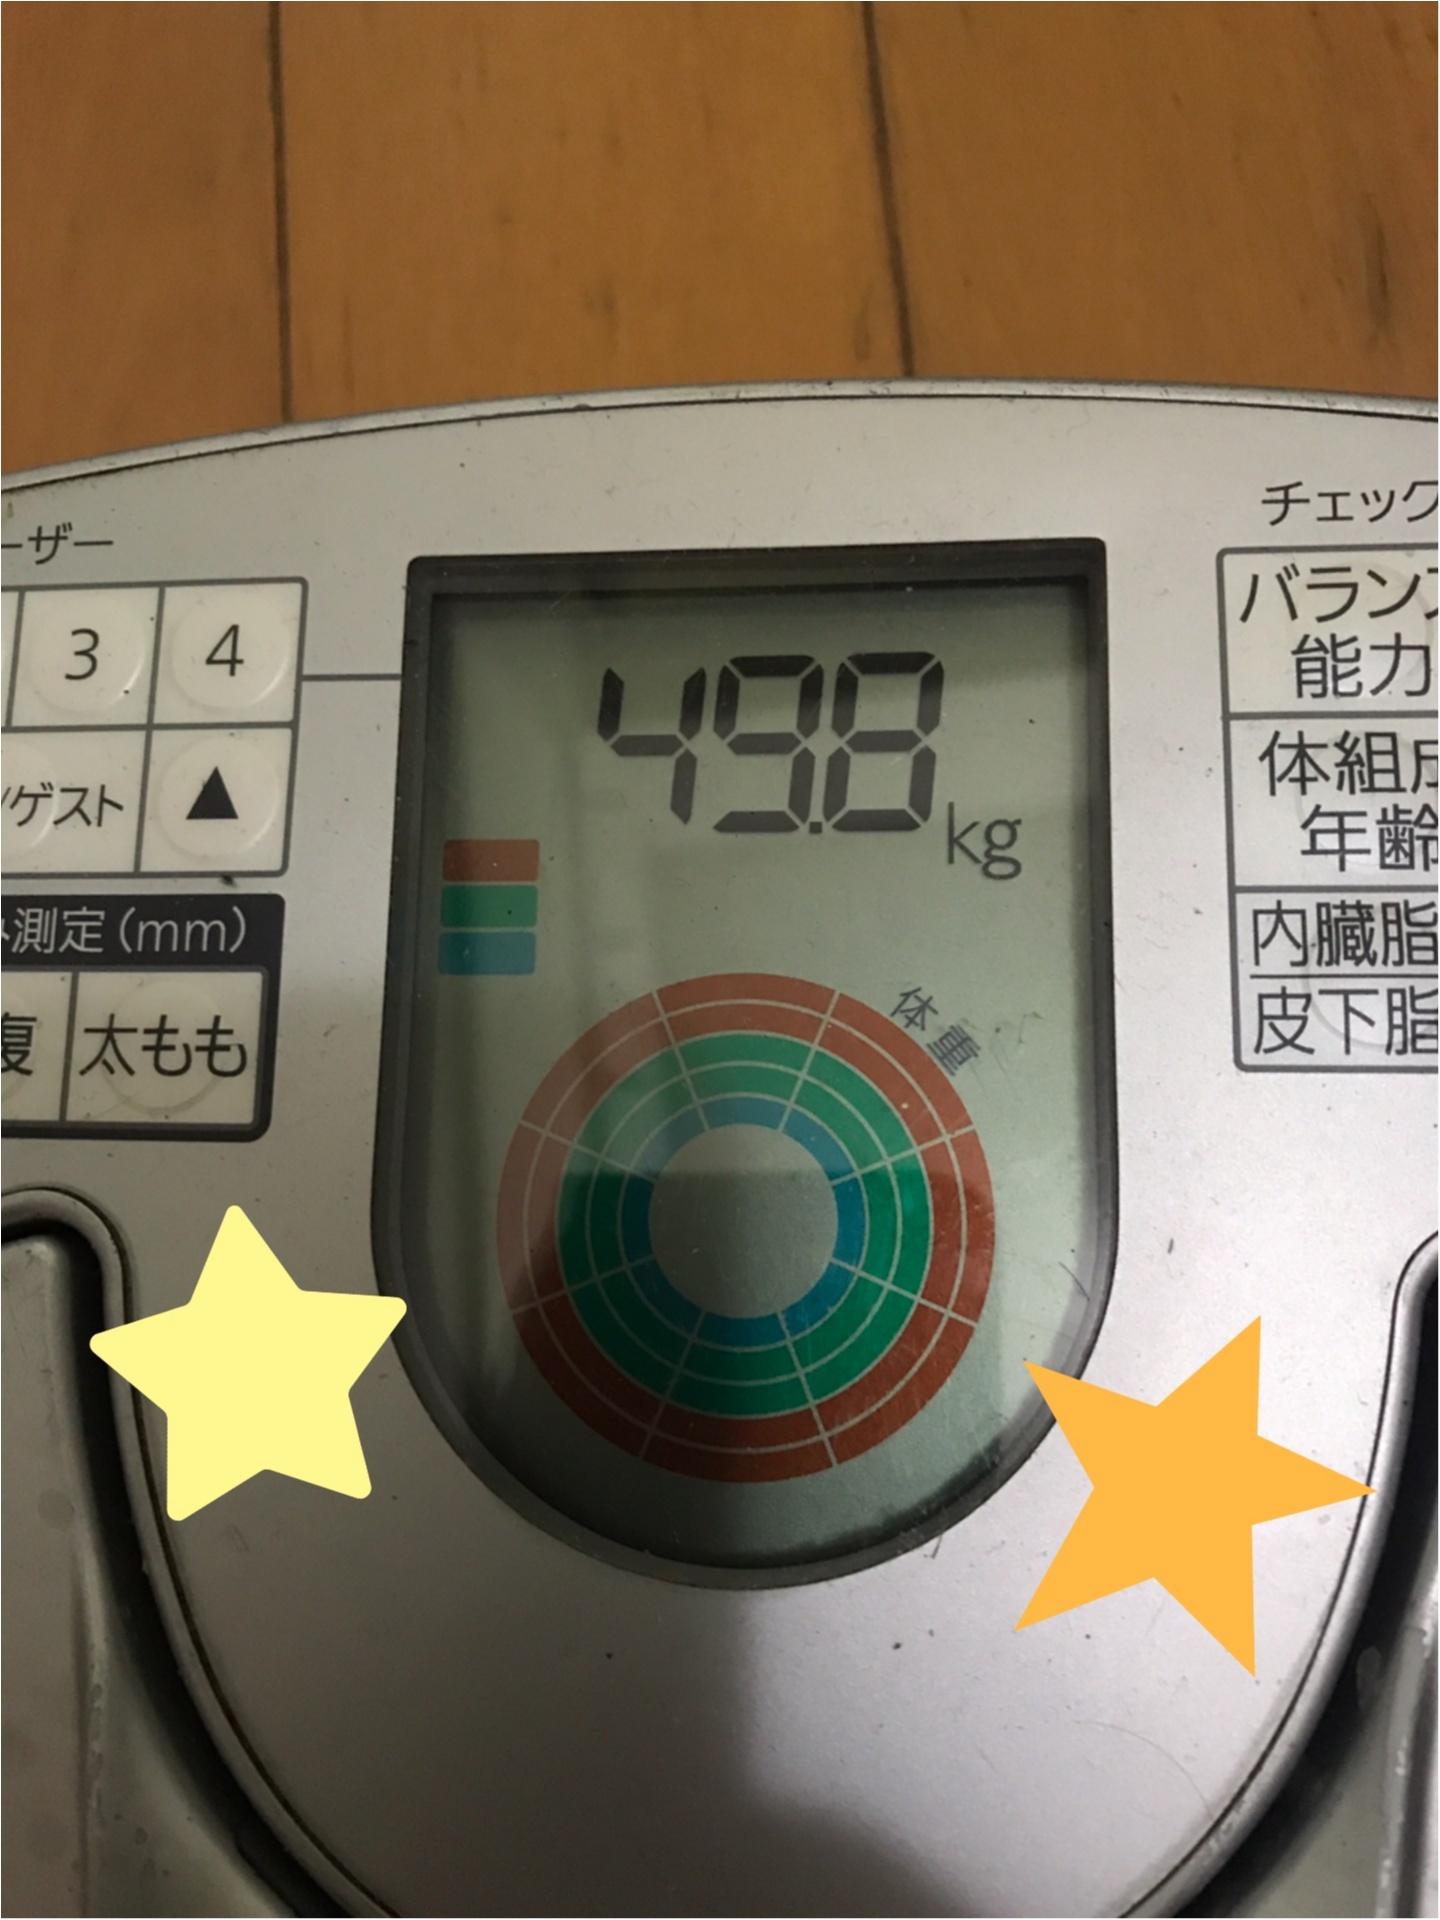 【8月の結果報告】夢の40キロ台突入♪  スタートから-5.8キロ! 目標達成までもう少し!【#モアチャレ 7キロ痩せ】_1